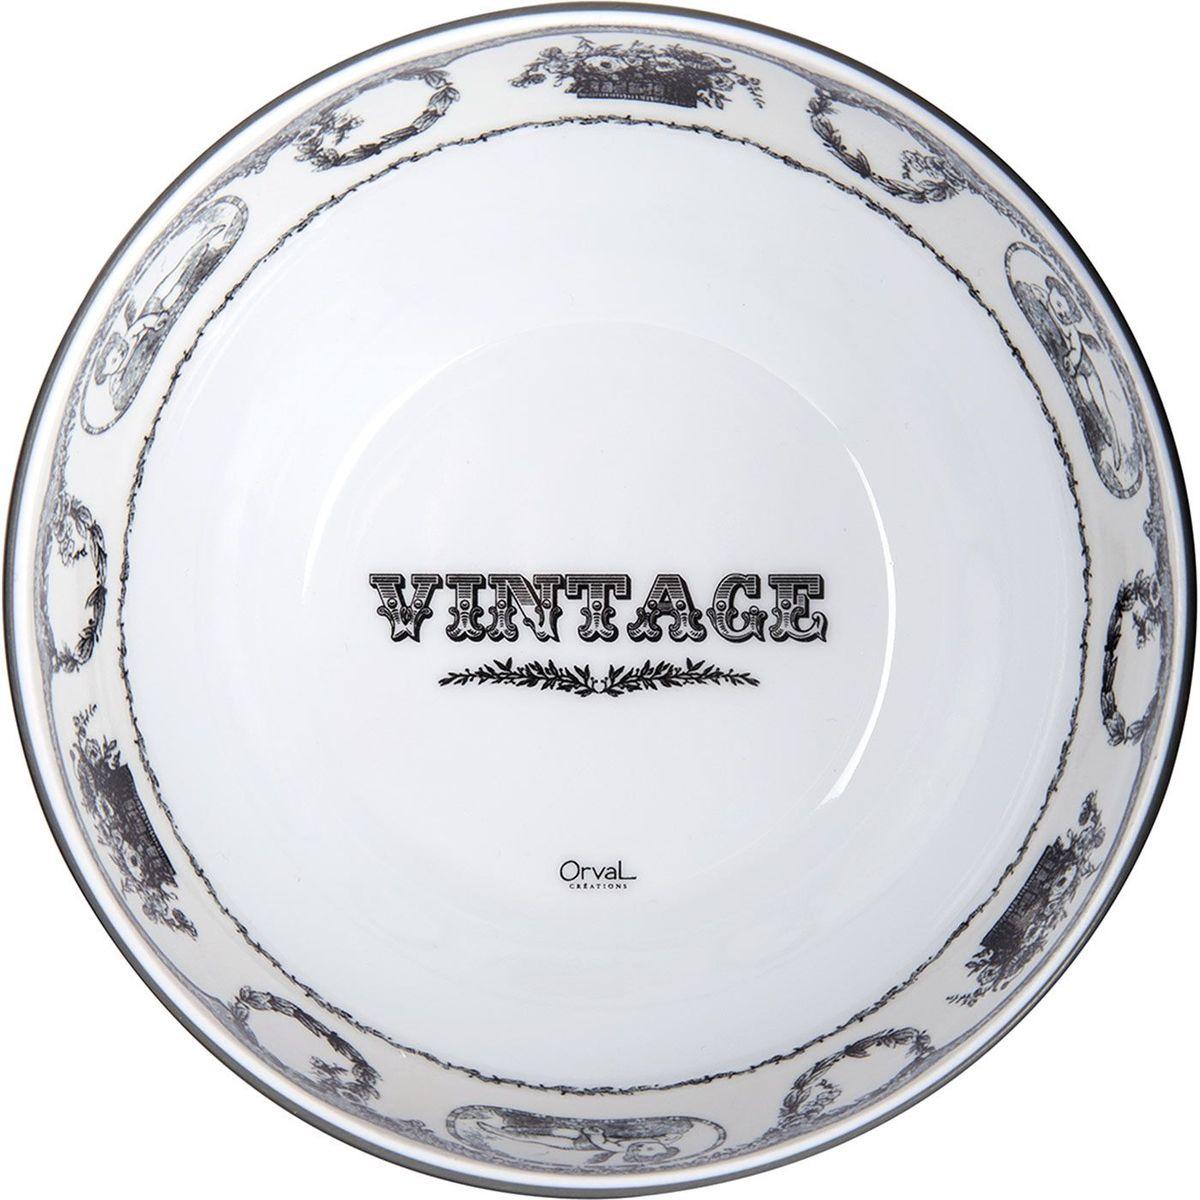 Миска ORVAL Винтаж, диаметр 15,5 см115510Меламиновая посуда от концерна Merxteam - это уникальное сочетание европейского качества, благородного стиля и демократичной стоимости.